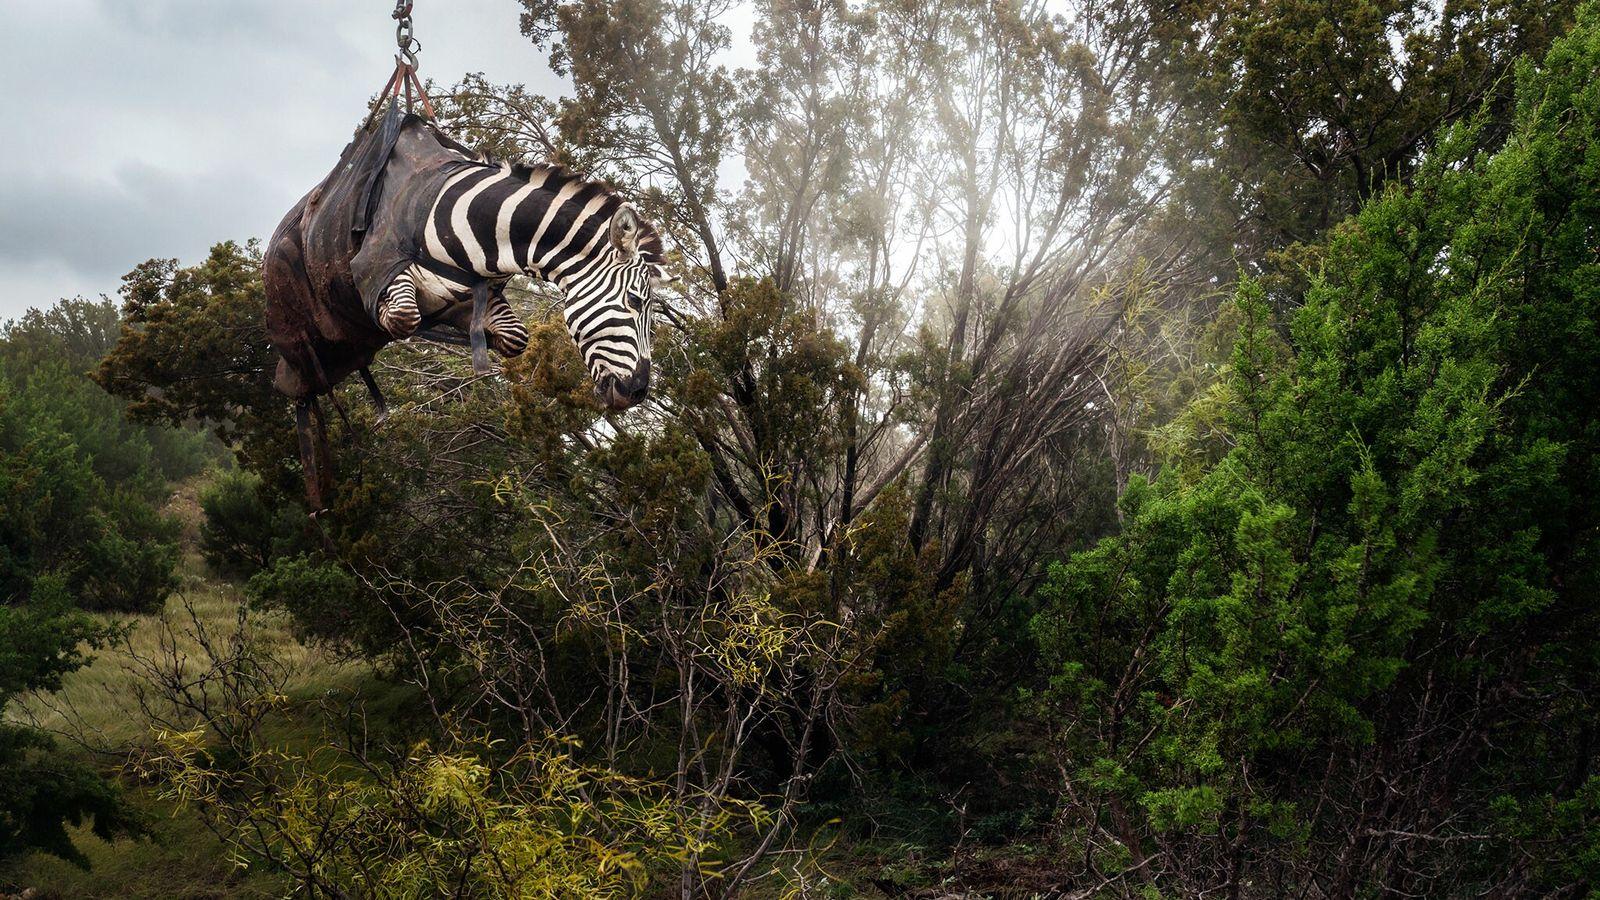 Uma zebra sedada é içada por helicóptero num rancho do Texas chamado Sexy Whitetails, perto de ...